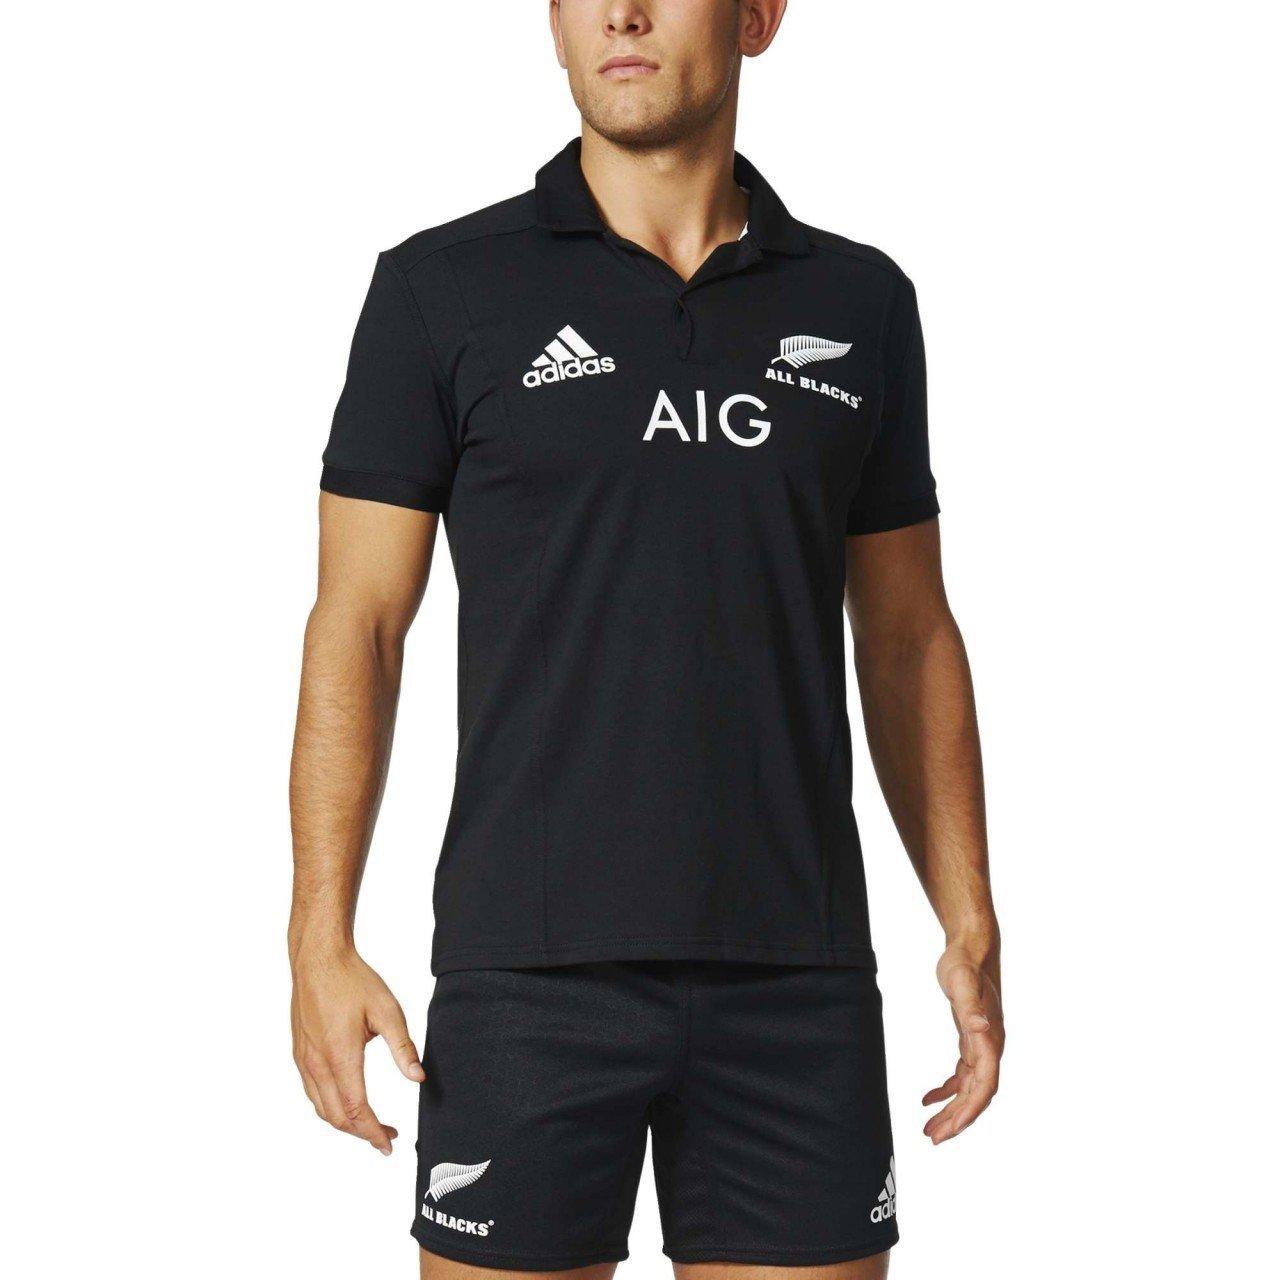 adidas AB H Supp JSY Camiseta, Hombre: Amazon.es: Ropa y accesorios